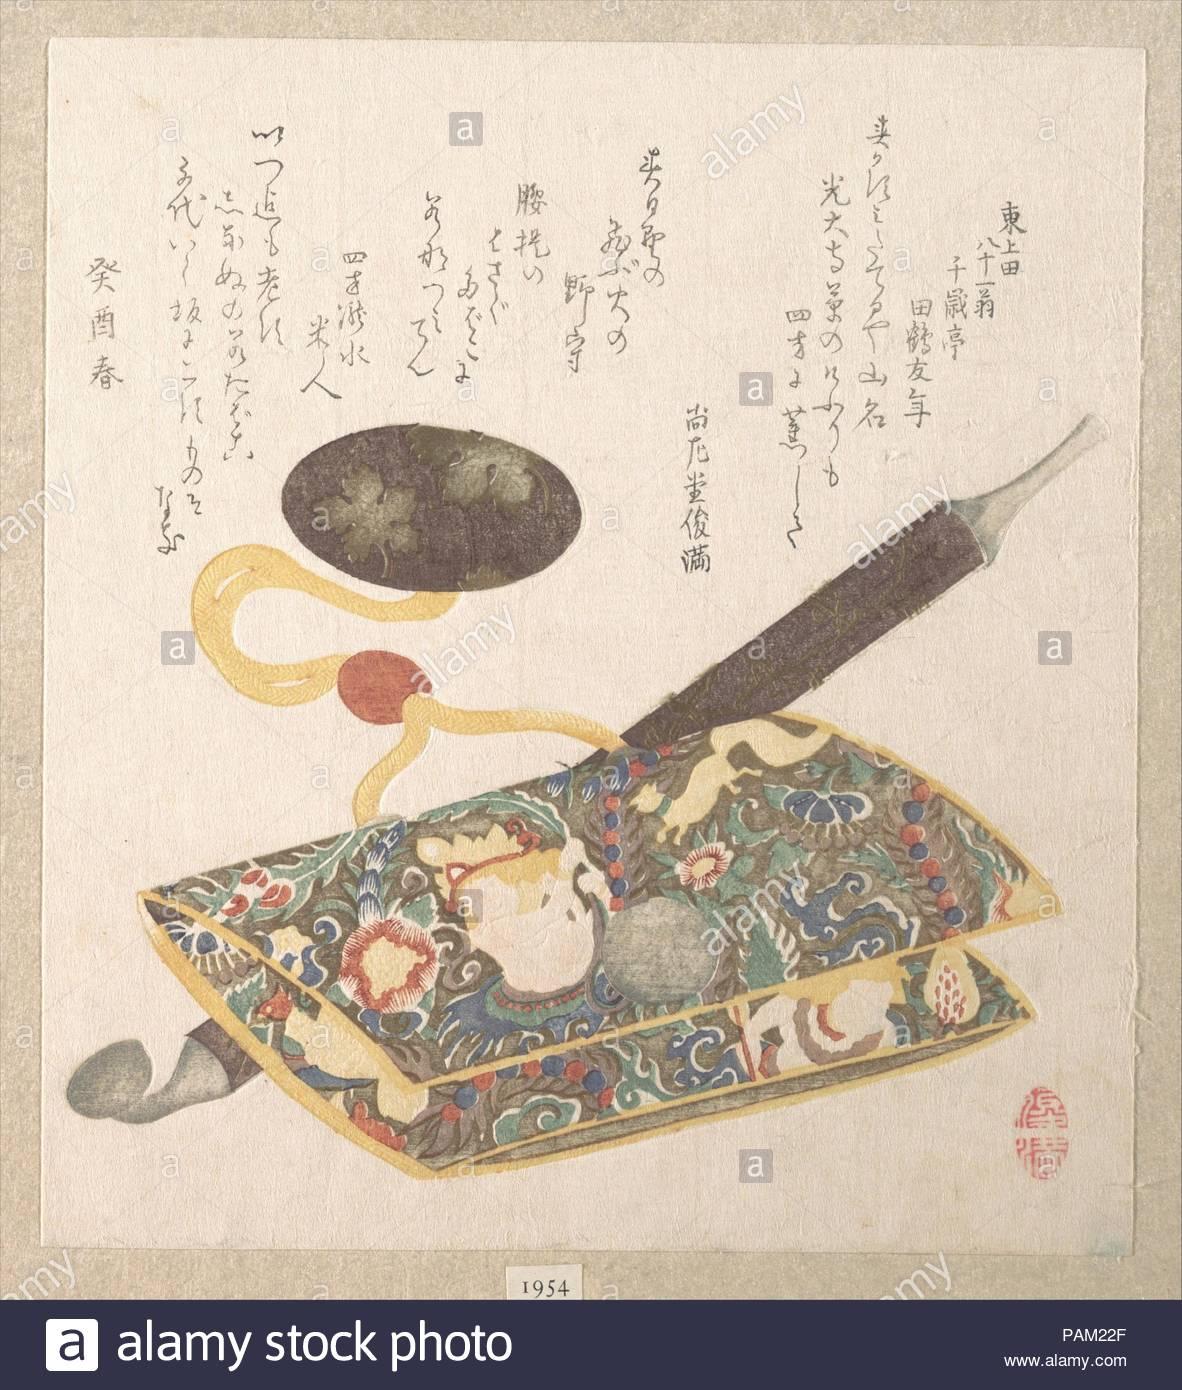 japonais AV pipe chaud nue cul et chatte